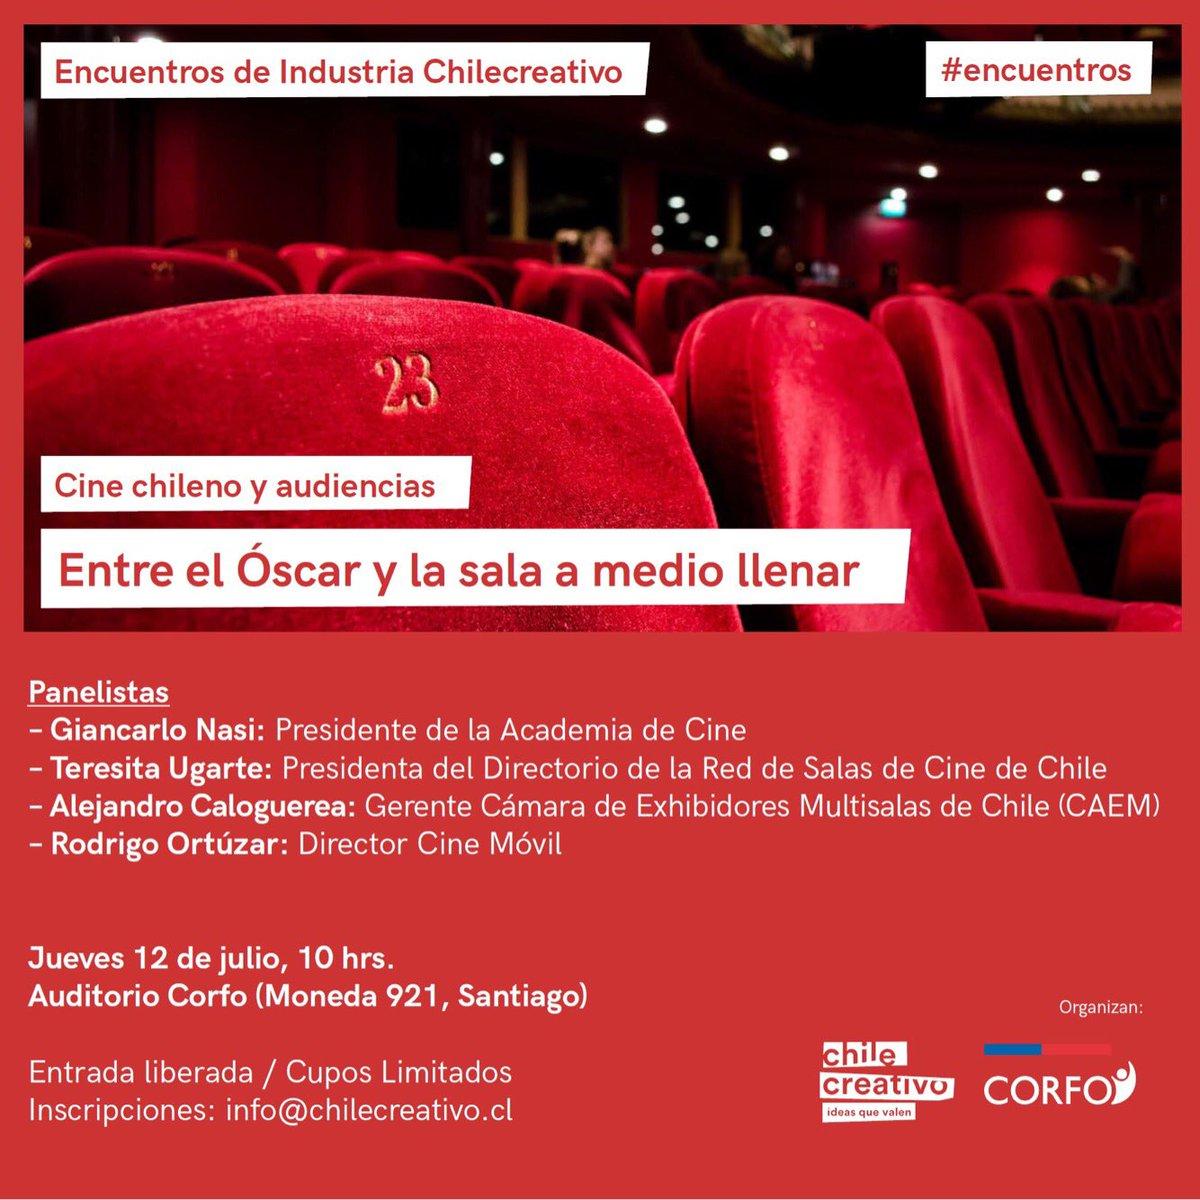 ¡Tenemos un nuevo #encuentro! El próximo jueves 12 la cita es en @Corfo para escuchar y conversar con importantes exponentes de la industria audiovisual chilena. La entrada es gratuita previa inscripción aquí: https://t.co/au1FSNb2Ux #audiovisual #cinechileno https://t.co/H43VlBBEJb